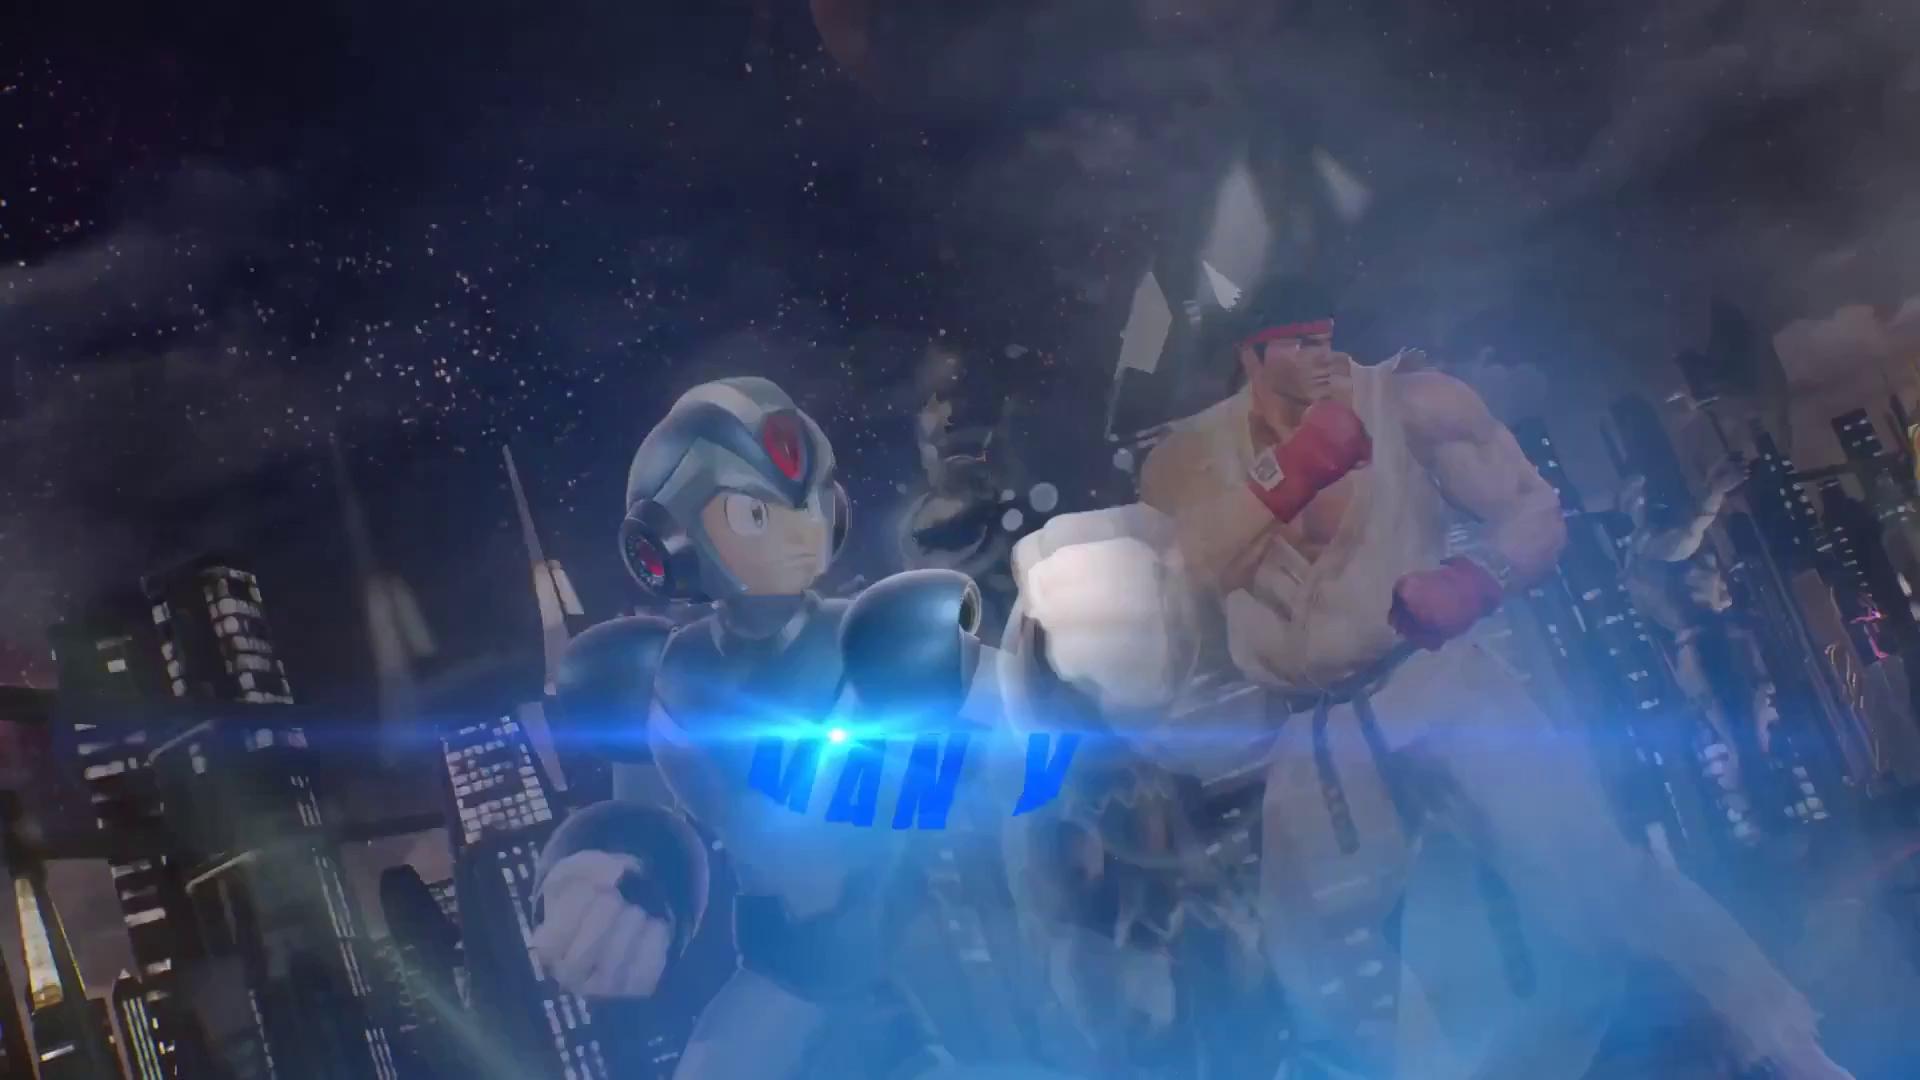 Marvel vs. Capcom Infinite: Megaman thua trước Iron Man, nhưng Iron Man lại để thua Ryu